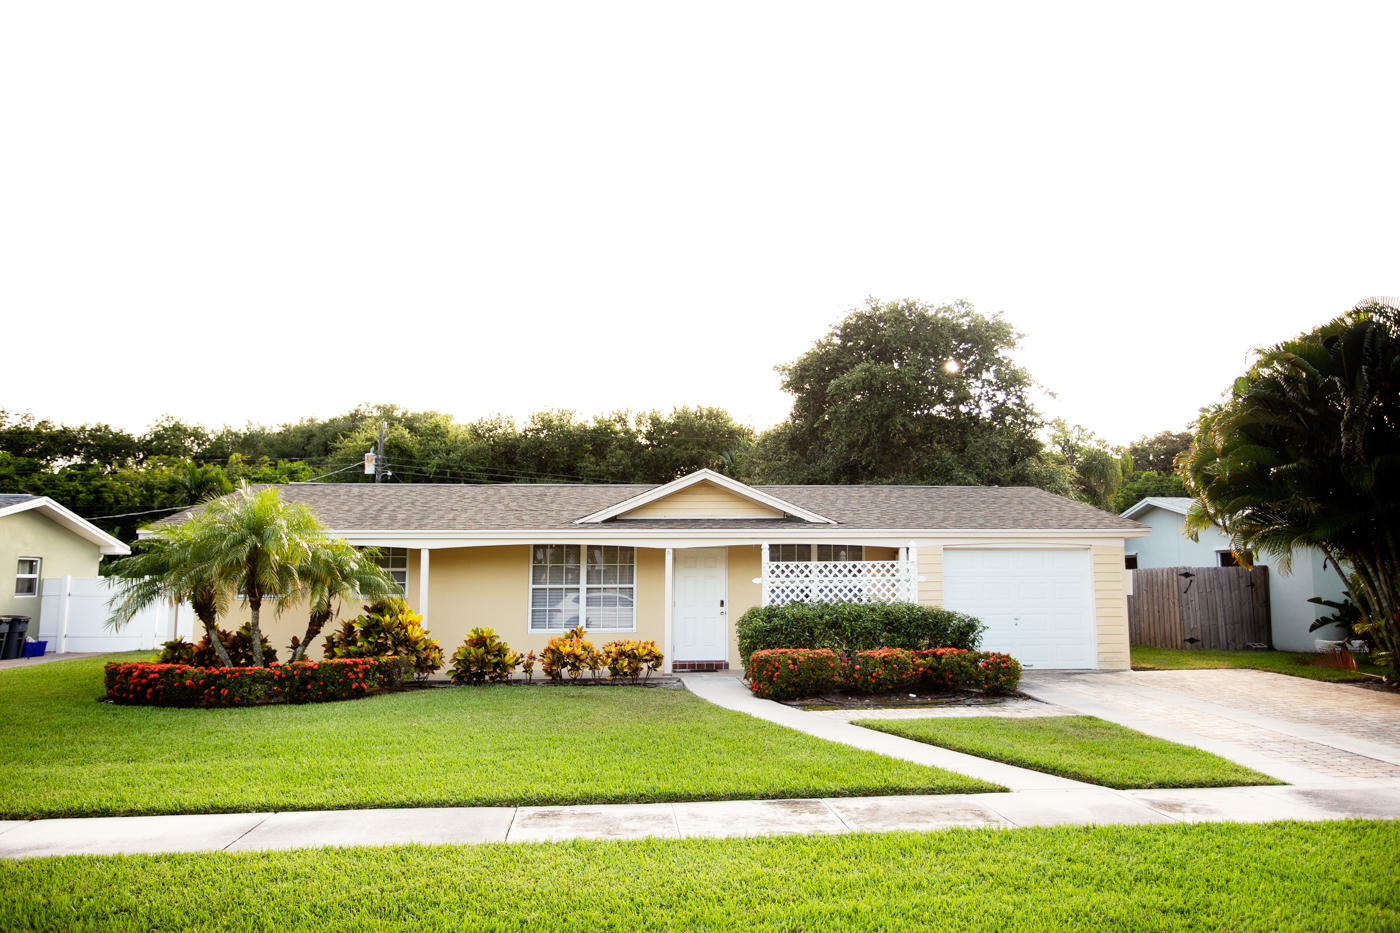 Home for sale in Tropic Vista Tequesta Florida